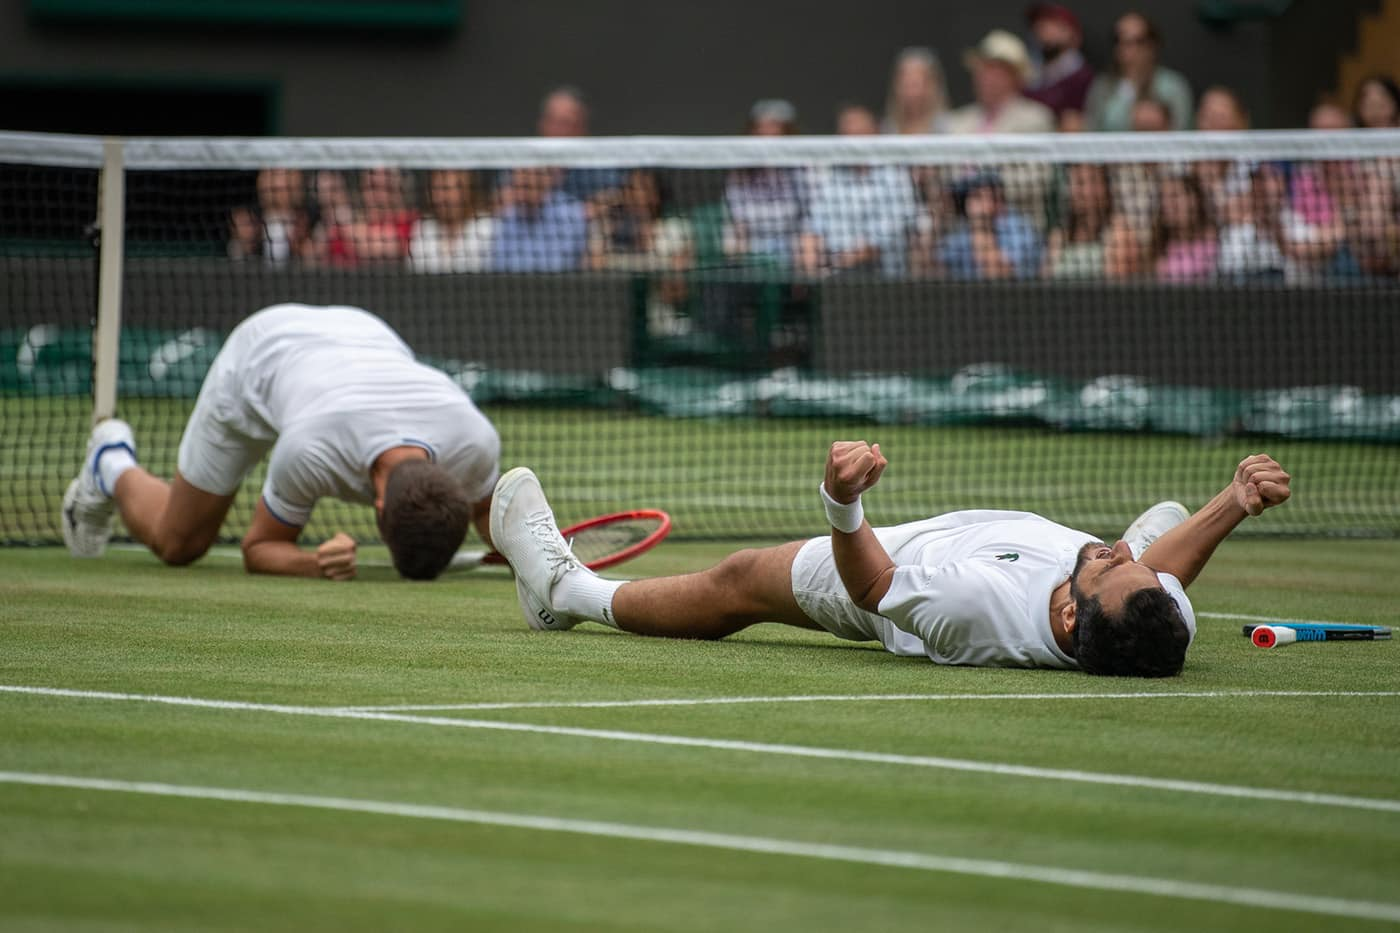 Pavić/Mektić 1st All-Croatian Doubles Team To Win Grand Slam As They Take Wimbledon Crown